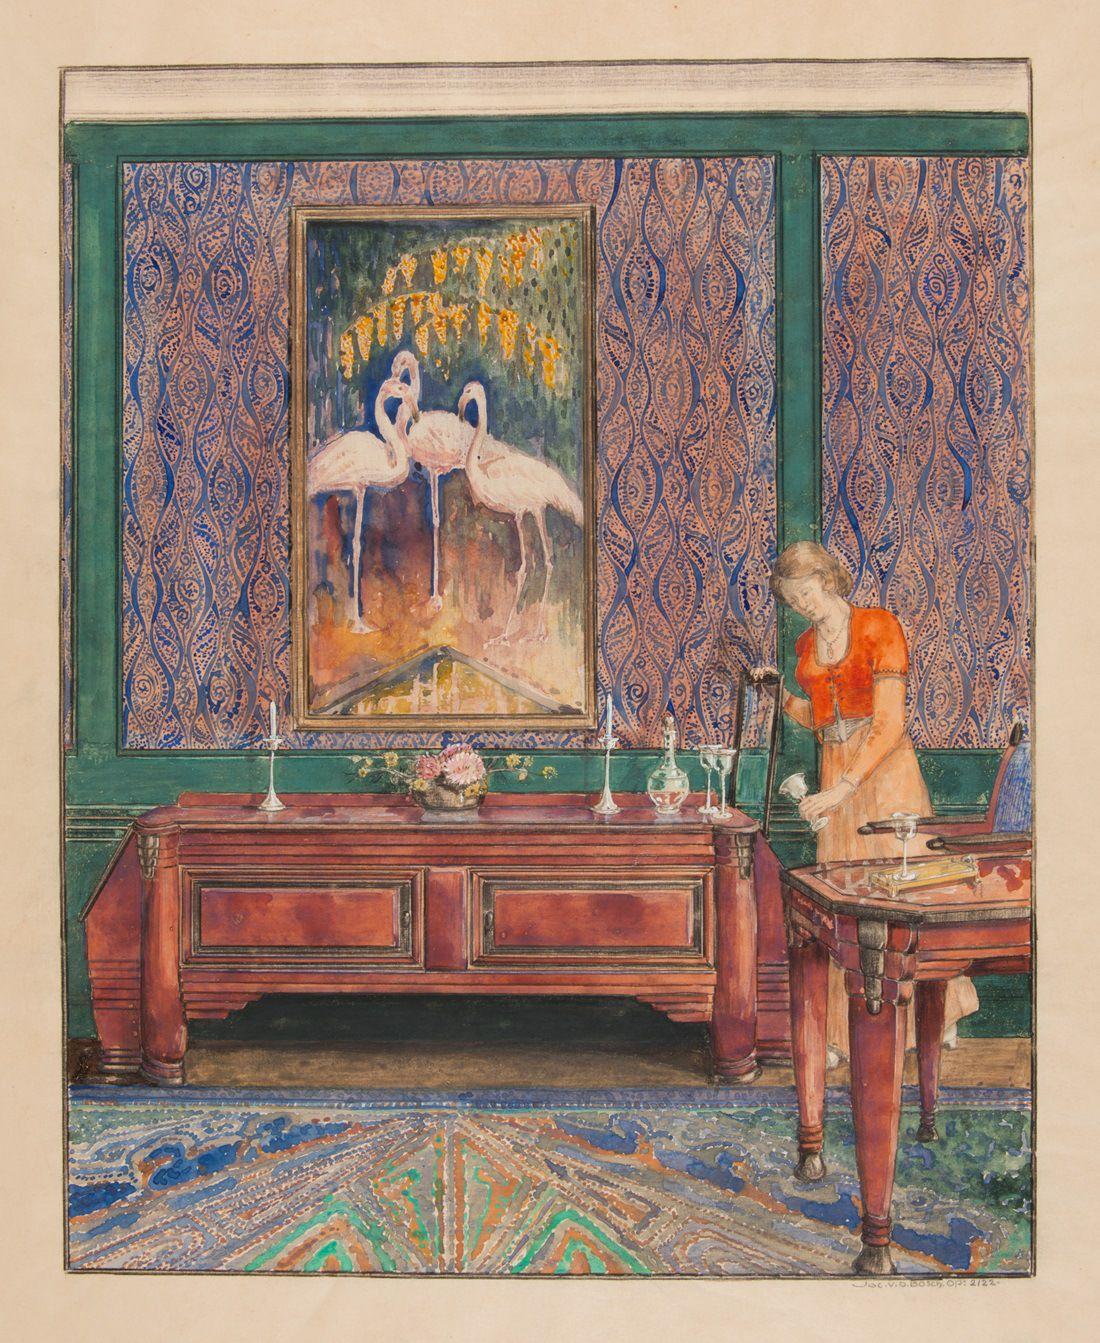 Jac. van den Bosch, ontwerptekening voor interieur met buffet en ...